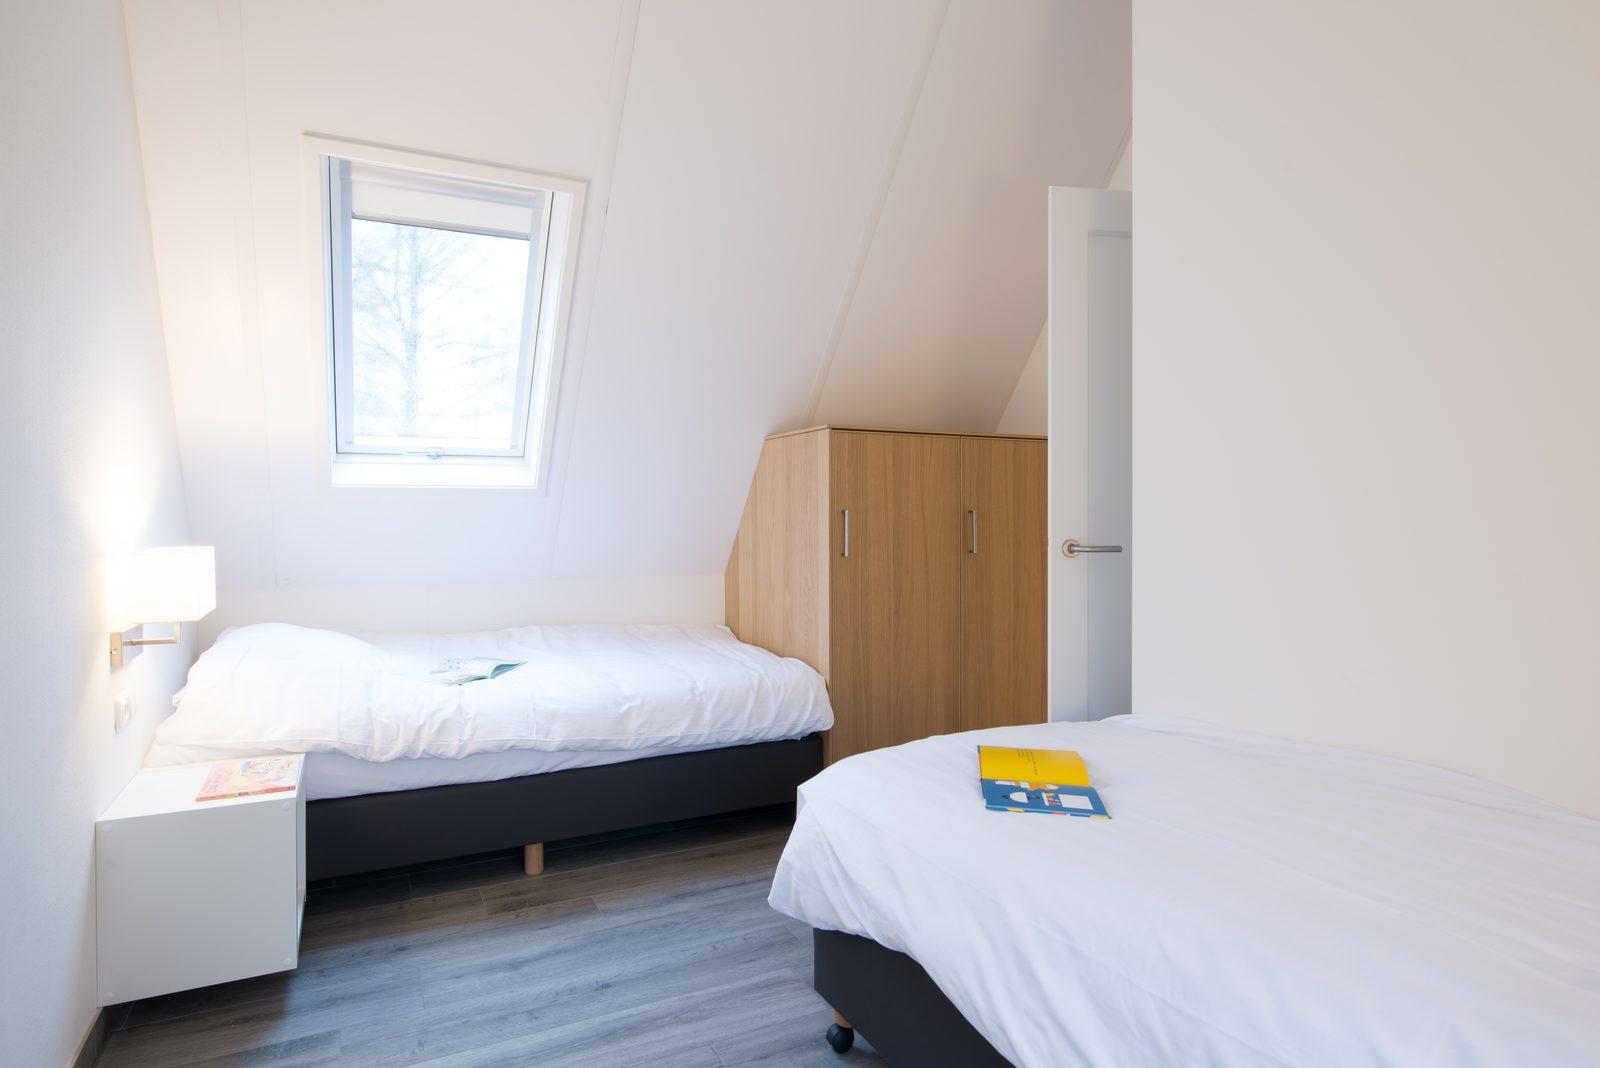 Wilgenhaege: slaapkamer met 2x eenpersoonsbed